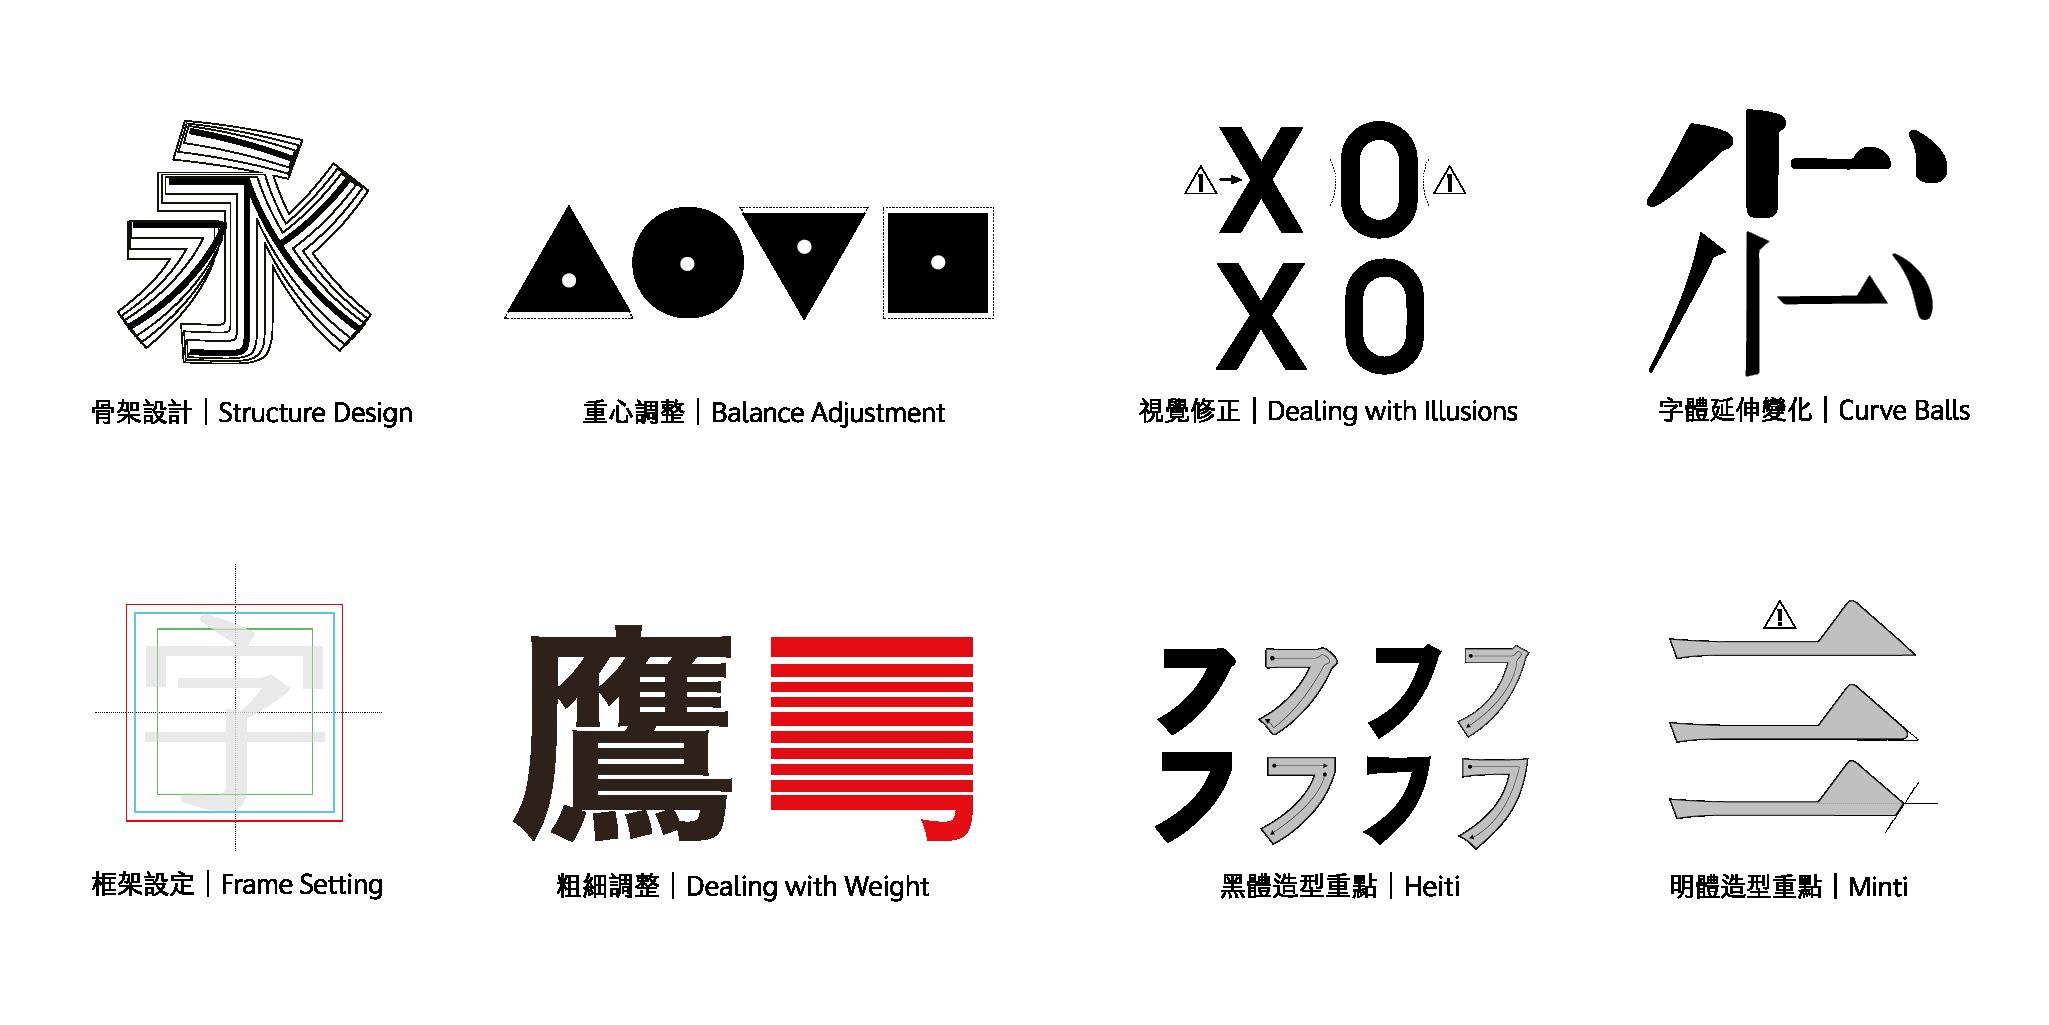 預計在伸縮自如字體課中出現的單元